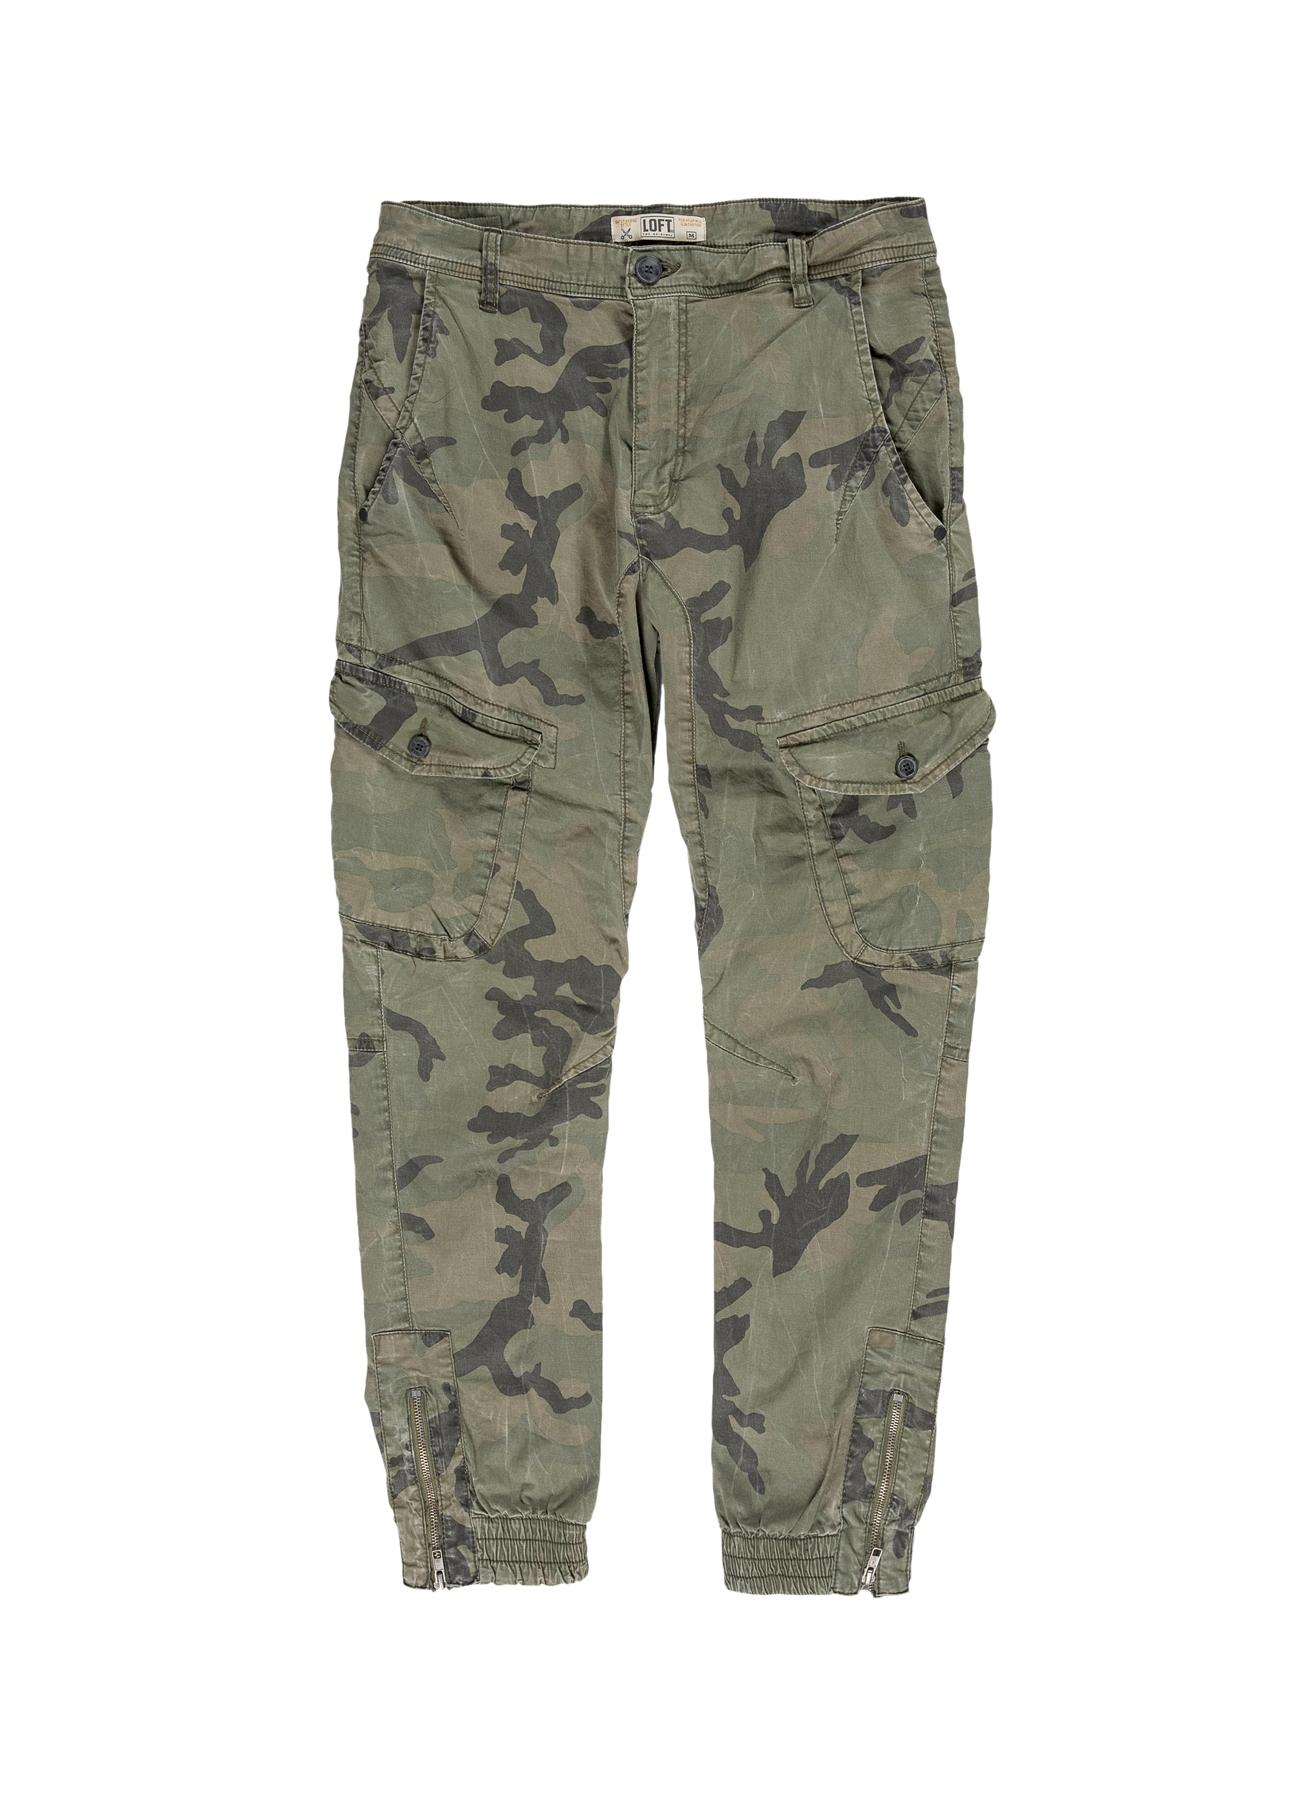 Loft Kamuflaj Desenli Yeşil Klasik Pantolon 29-28 5000202082002 Ürün Resmi